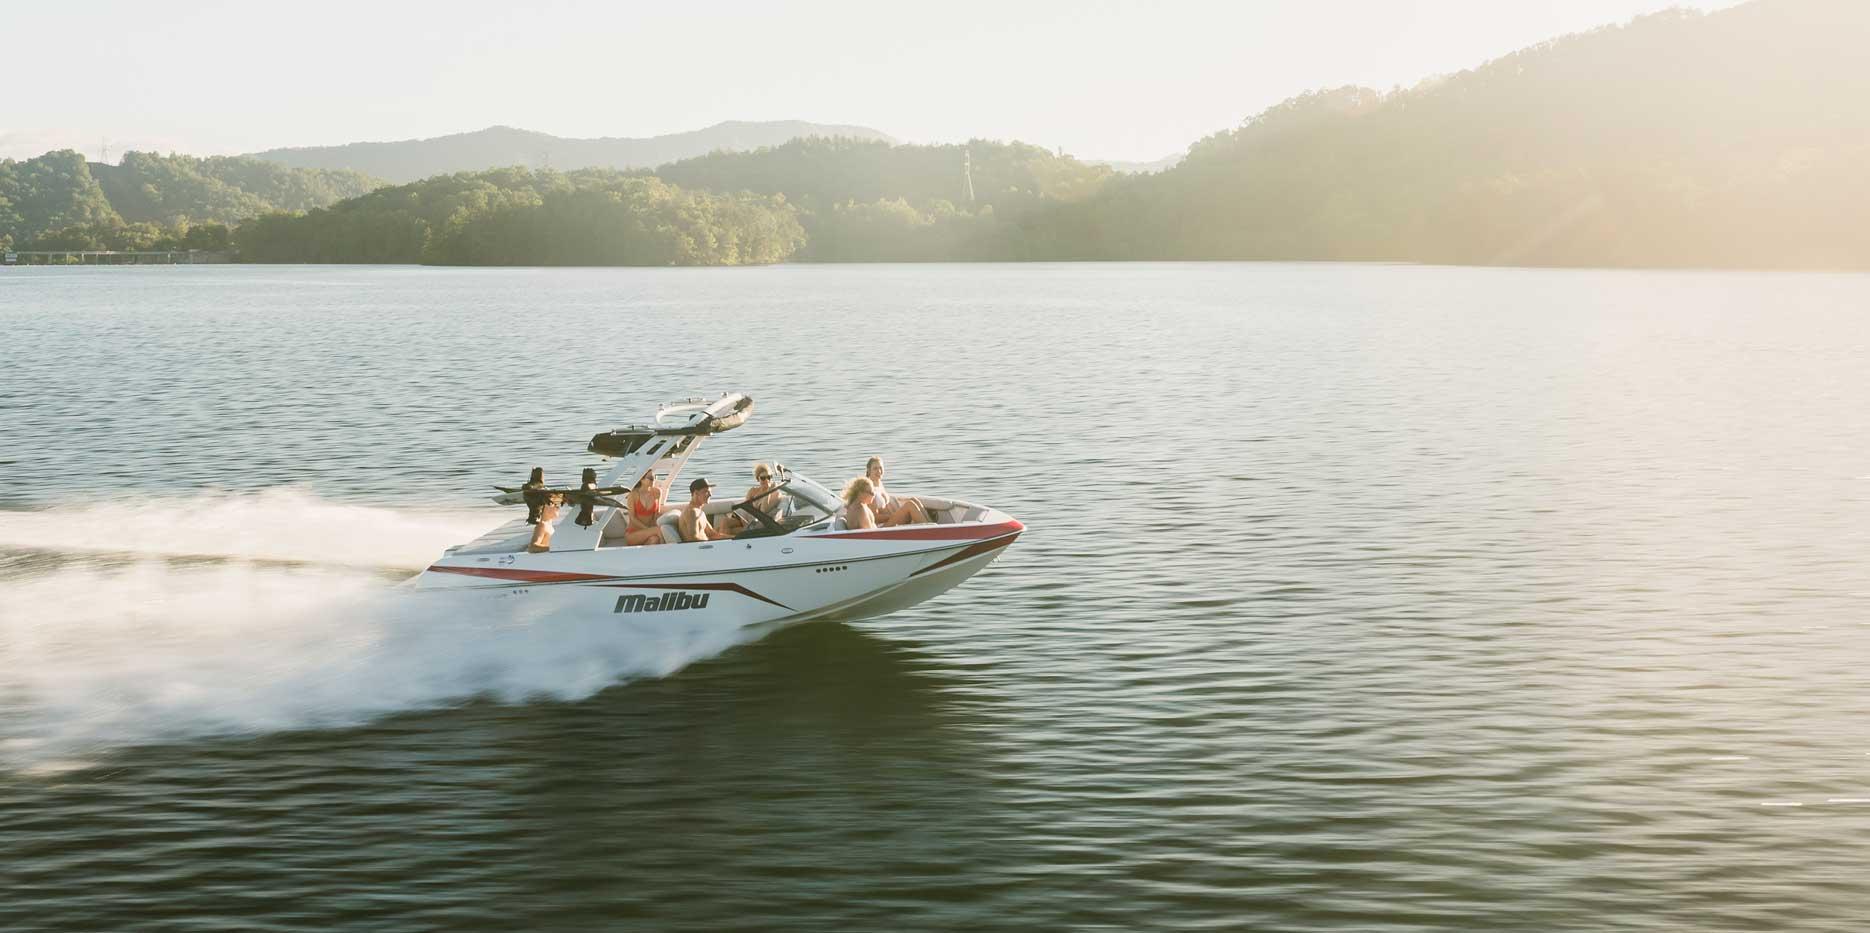 The Malibu 21 VLX  is a wakeboard, wakesurf & waterski boat.